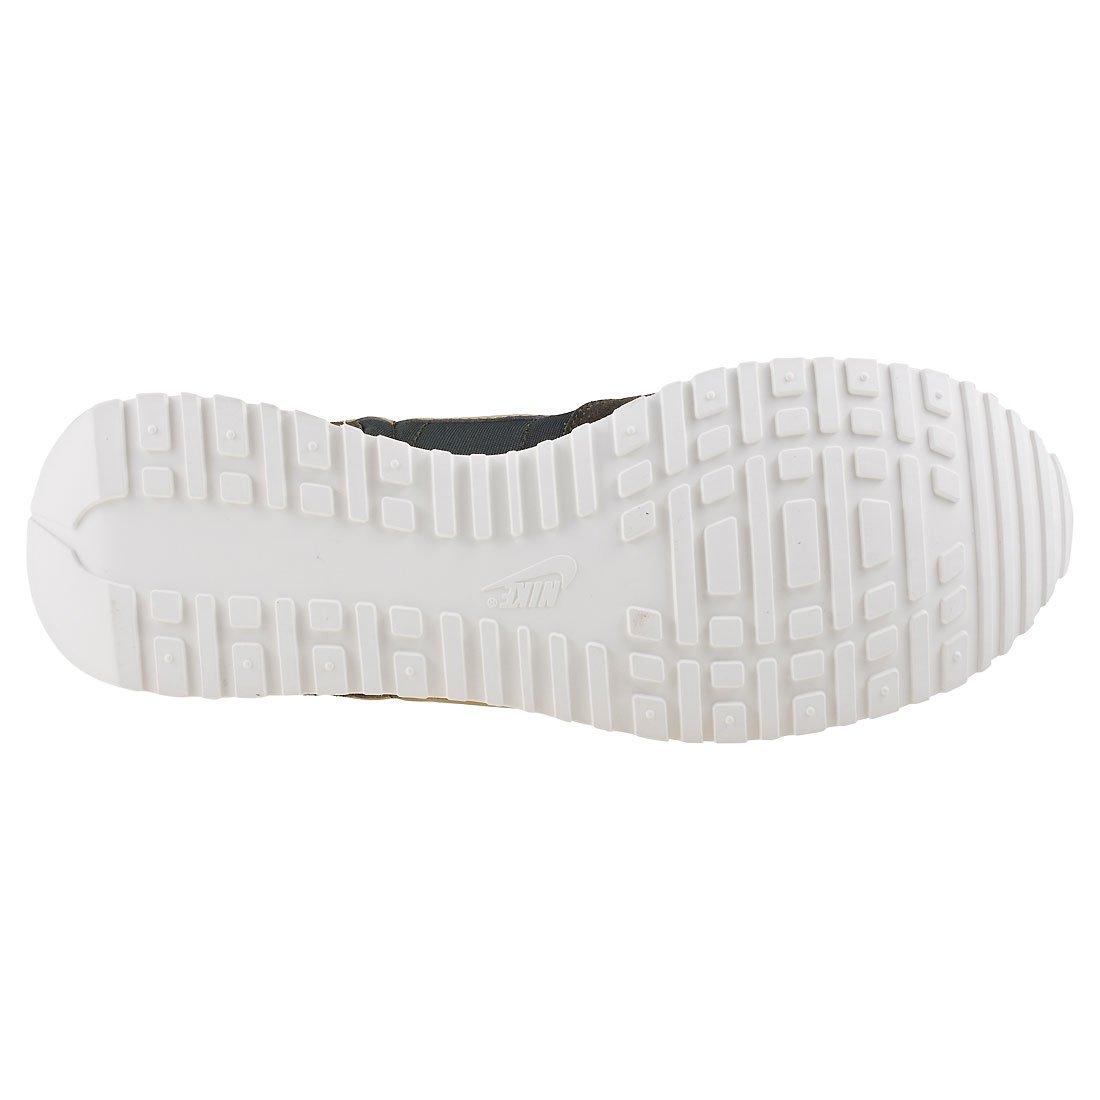 Nike Air Vrtx LTR, LTR, LTR, Scarpe da Ginnastica Uomo | Bel Colore  a2df12